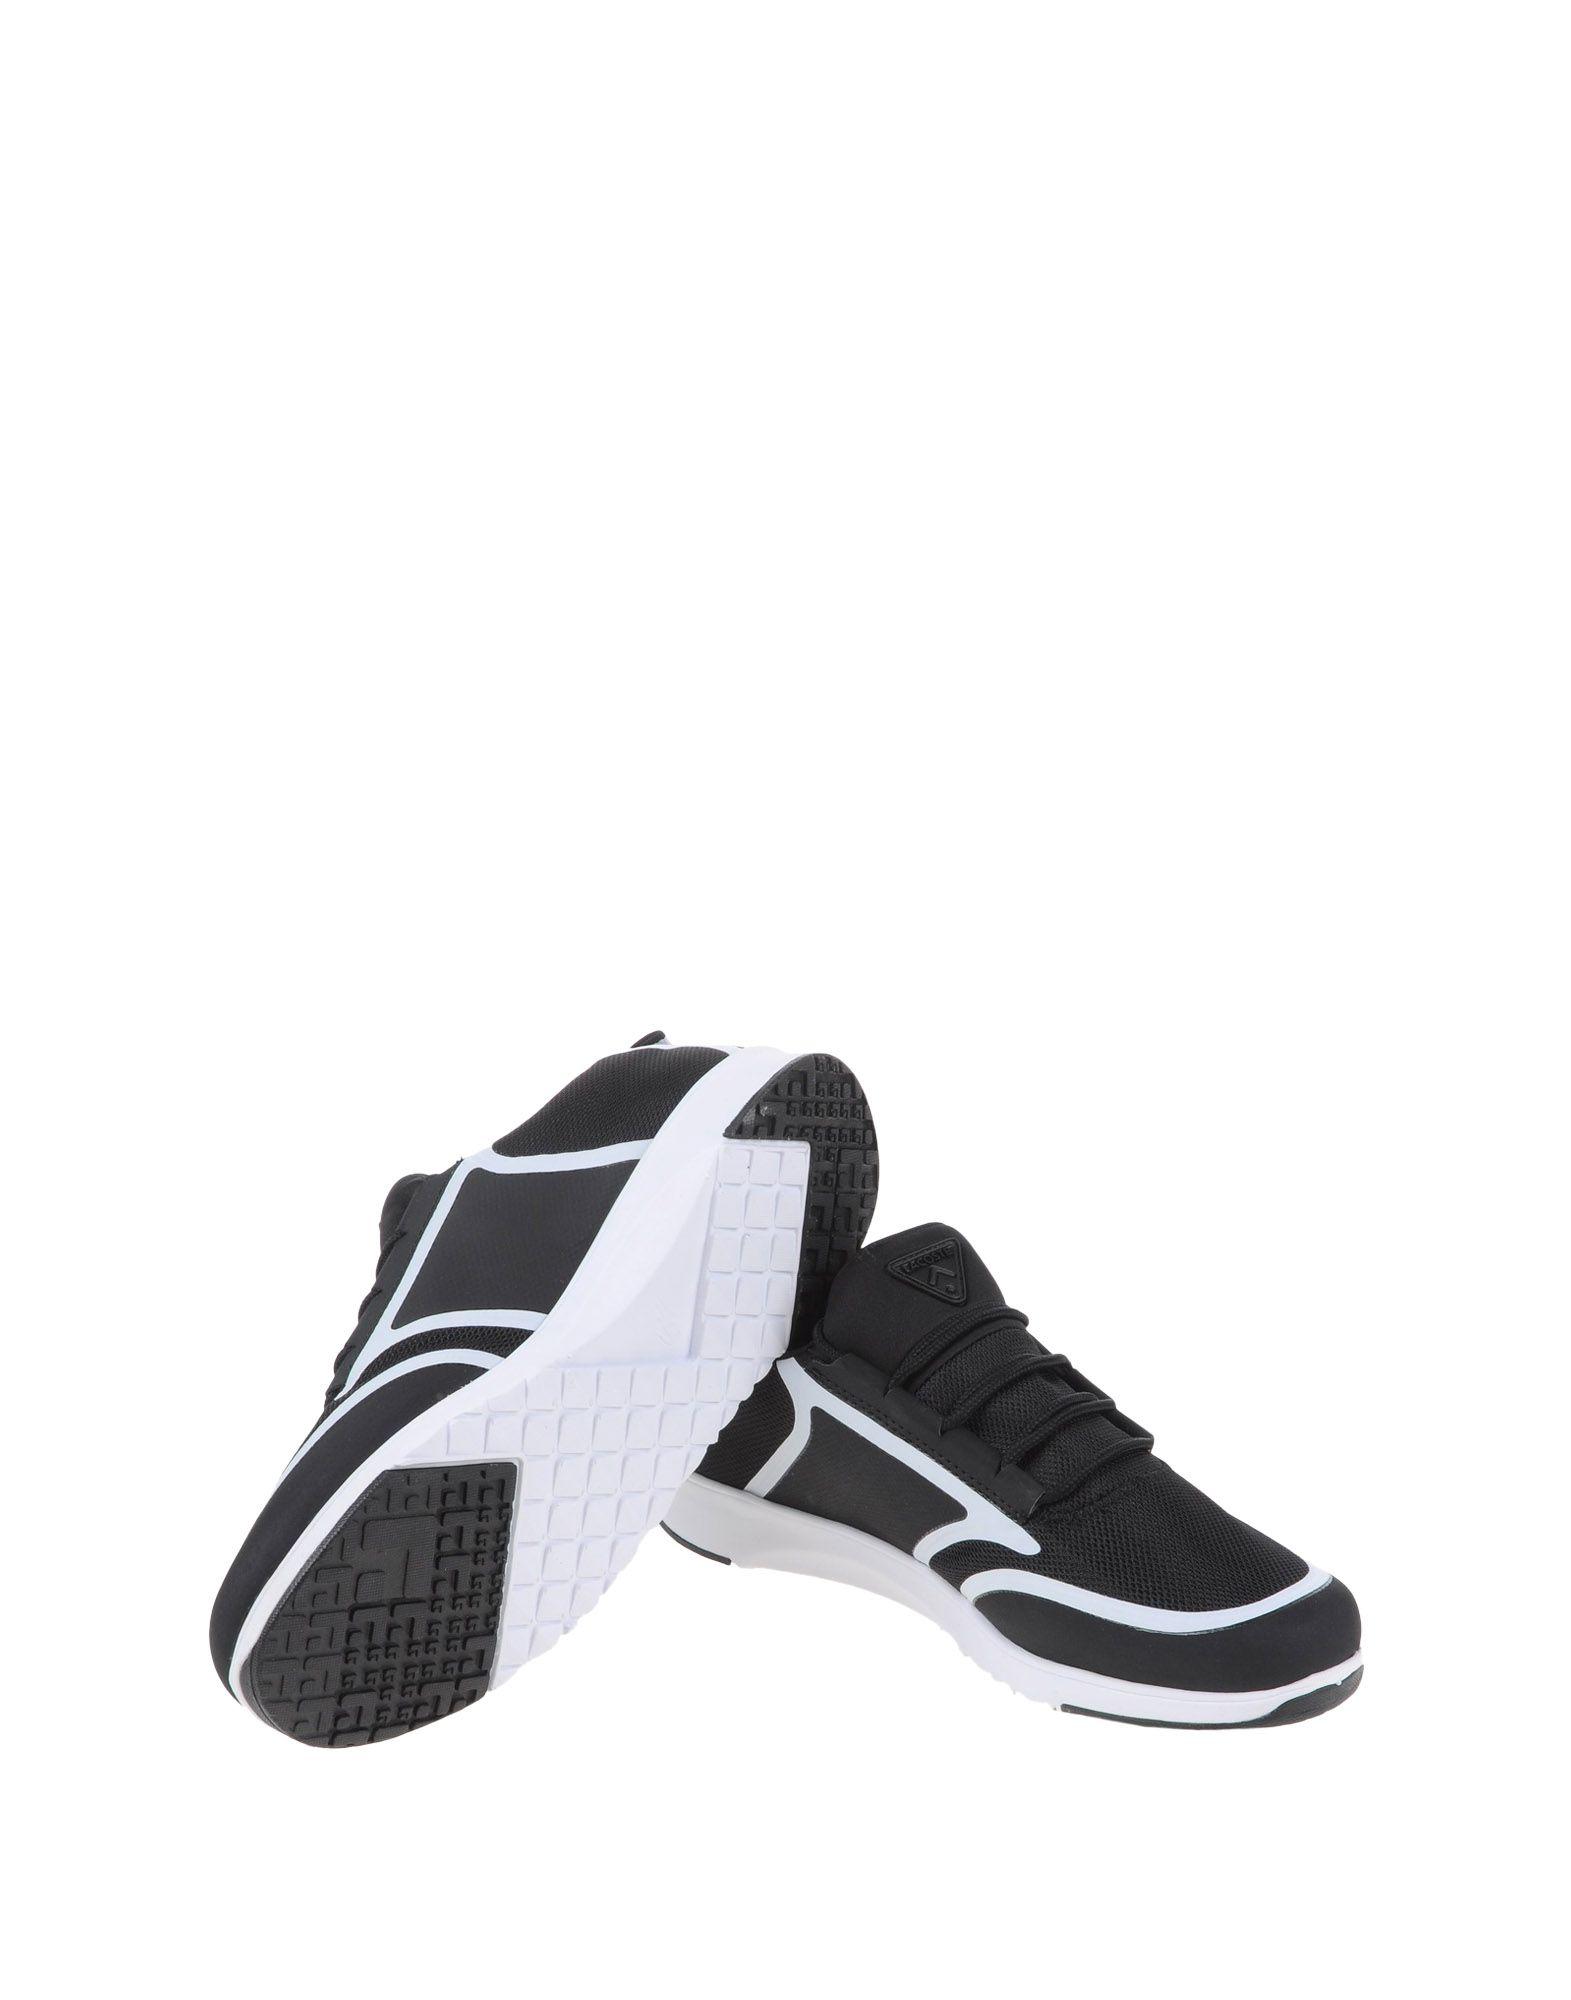 Lacoste Sport L.Ight 116 116 116 1 - Sneakers - Women Lacoste Sport Sneakers online on  Canada - 11008057OV 64cb68